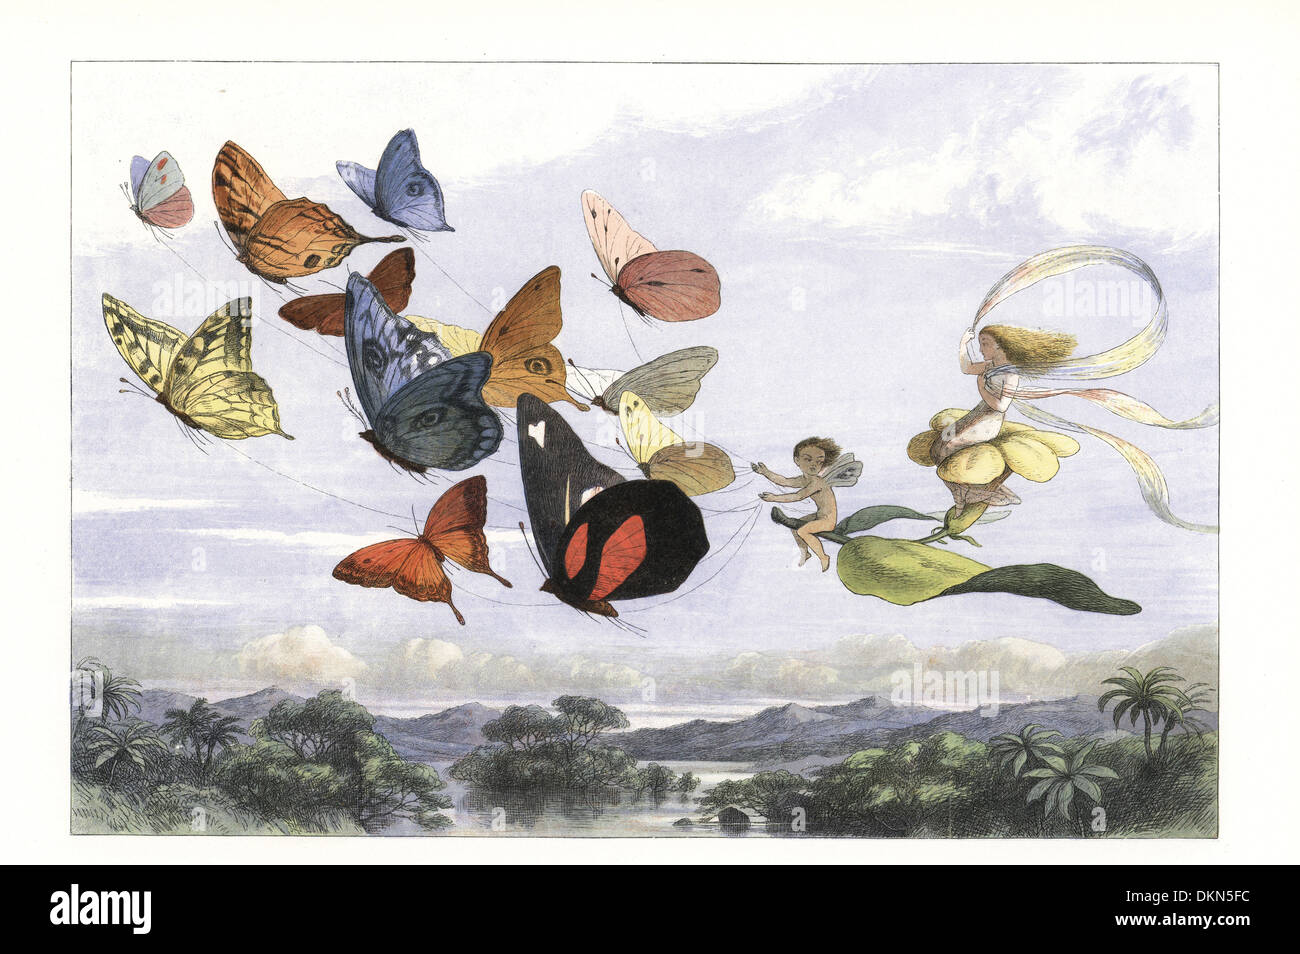 Die Elfenkönigin dauert eine Fahrt in einem Wagen von Schmetterlingen gezogen. Stockbild